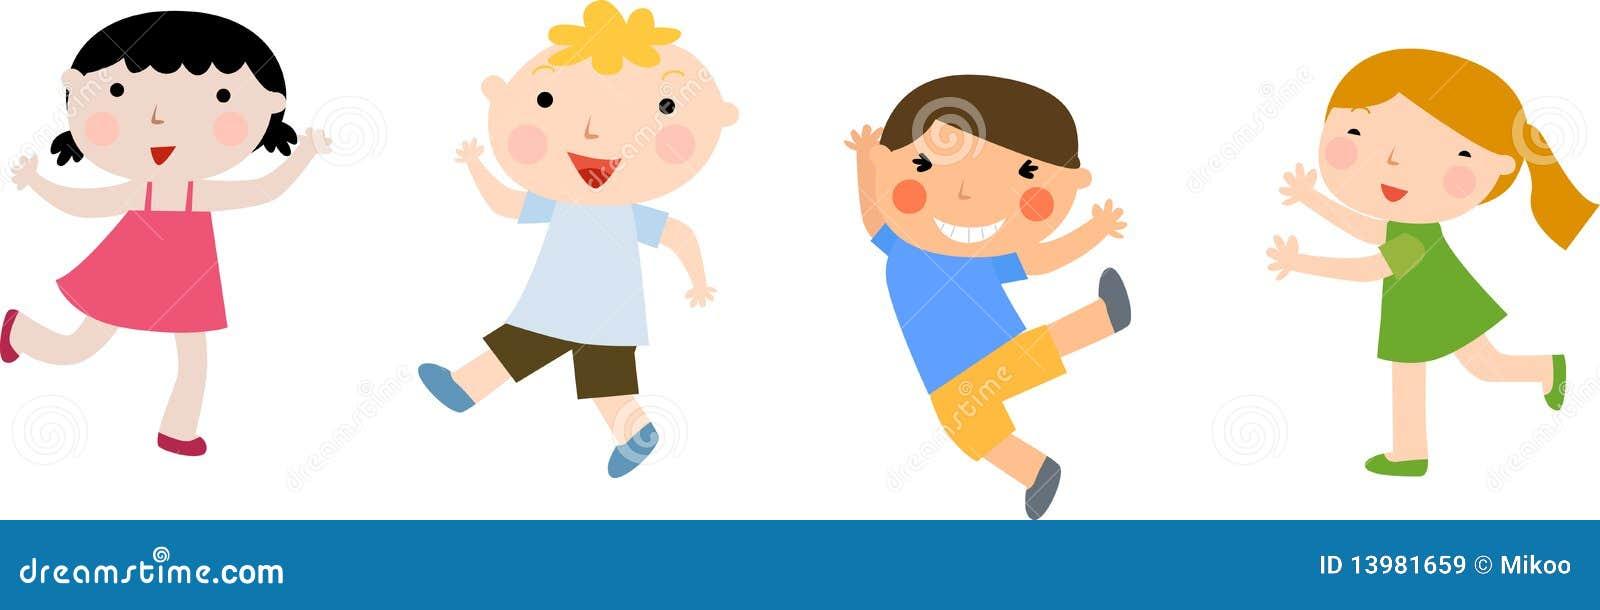 Cuatro niños. Conjunto. ilustración del vector. Ilustración de ... 25816cca6cdb